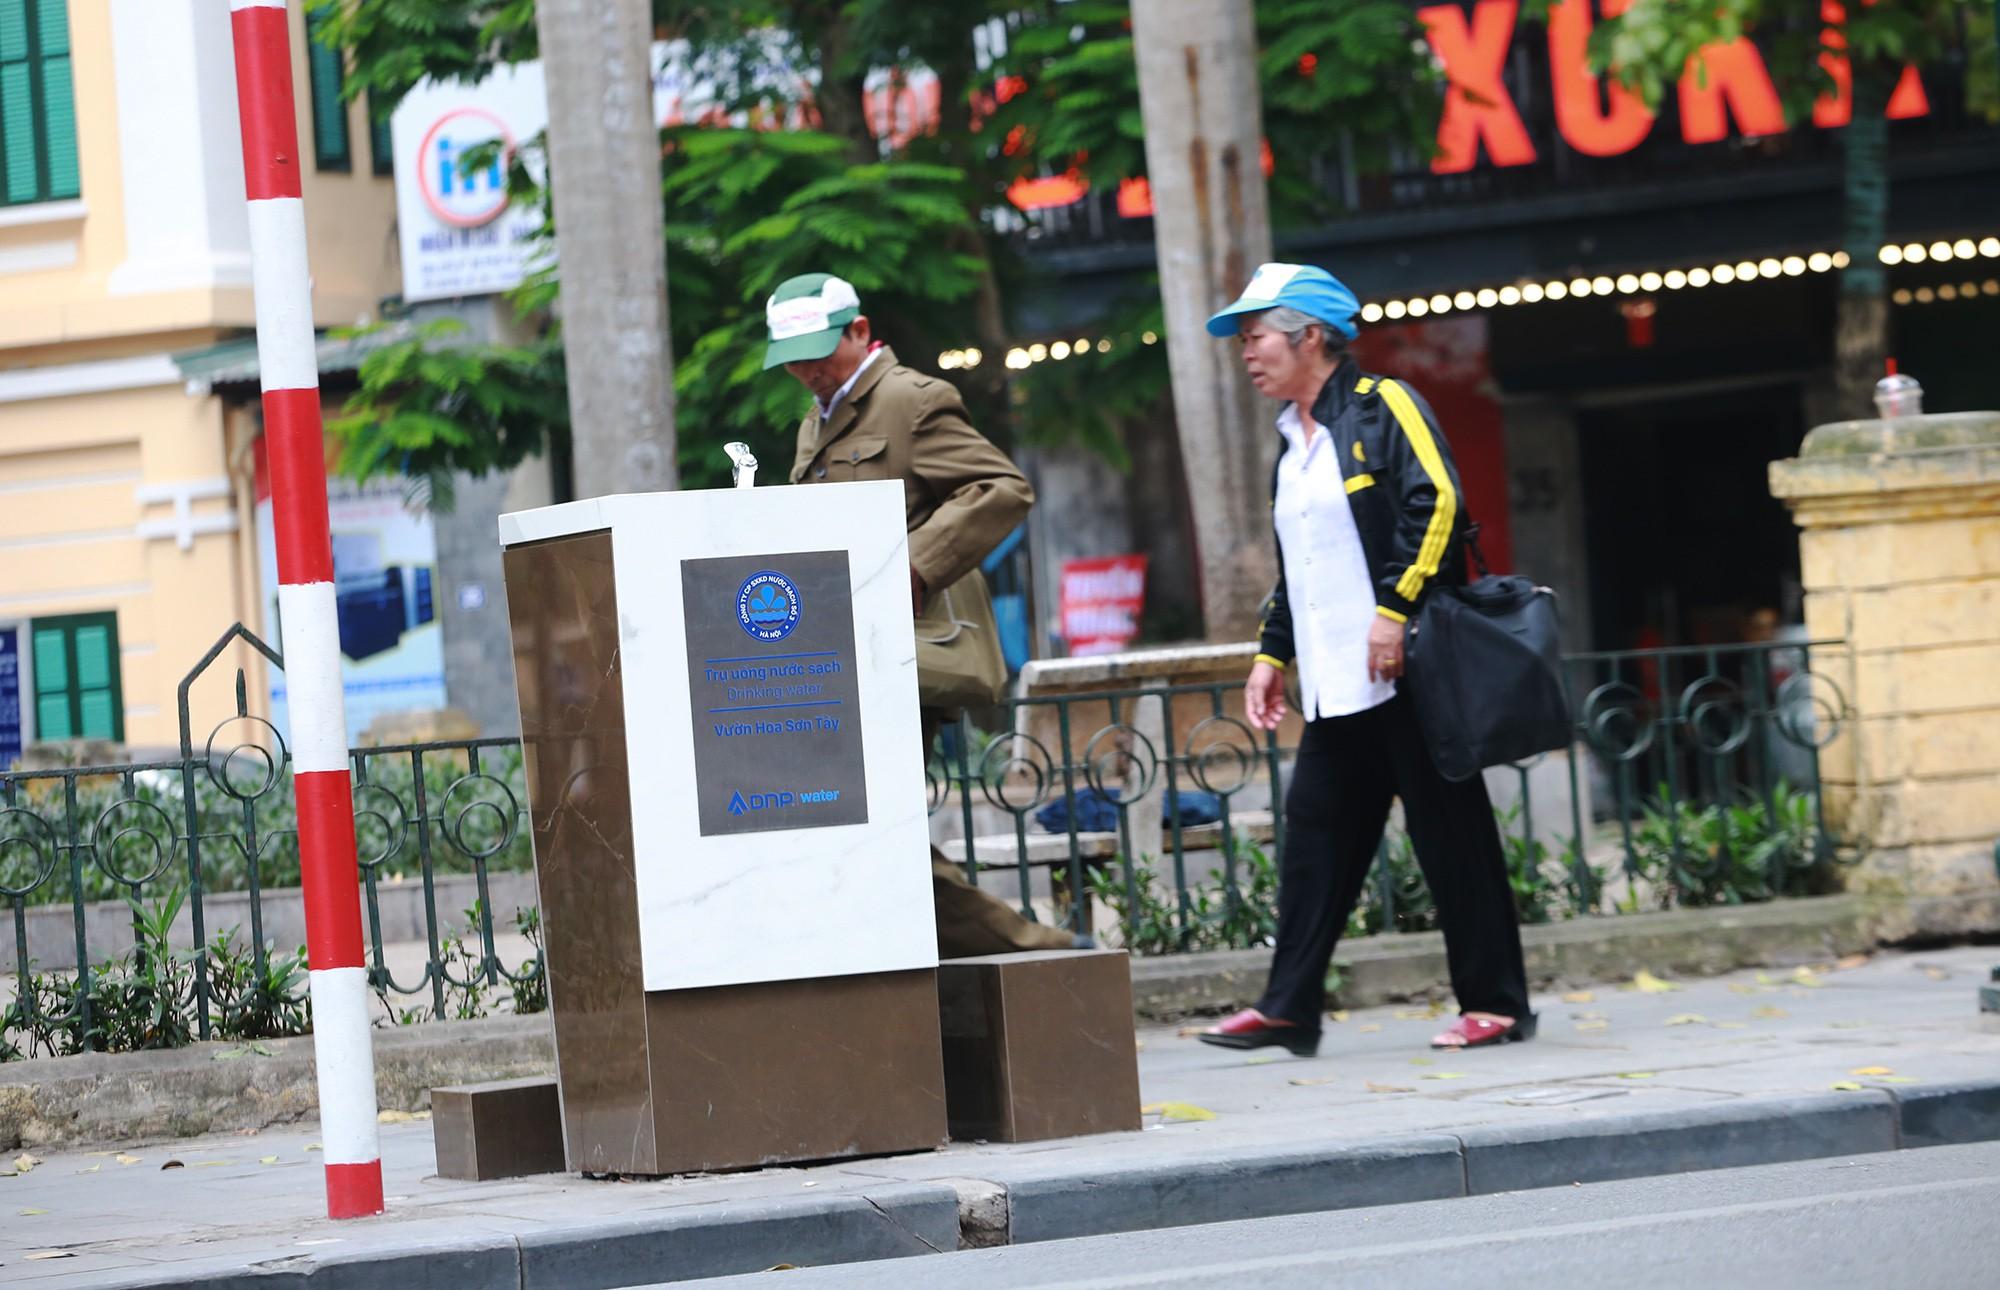 Học sinh, người lao động thích thú khi được uống nước sạch miễn phí trên đường phố Hà Nội - Ảnh 1.